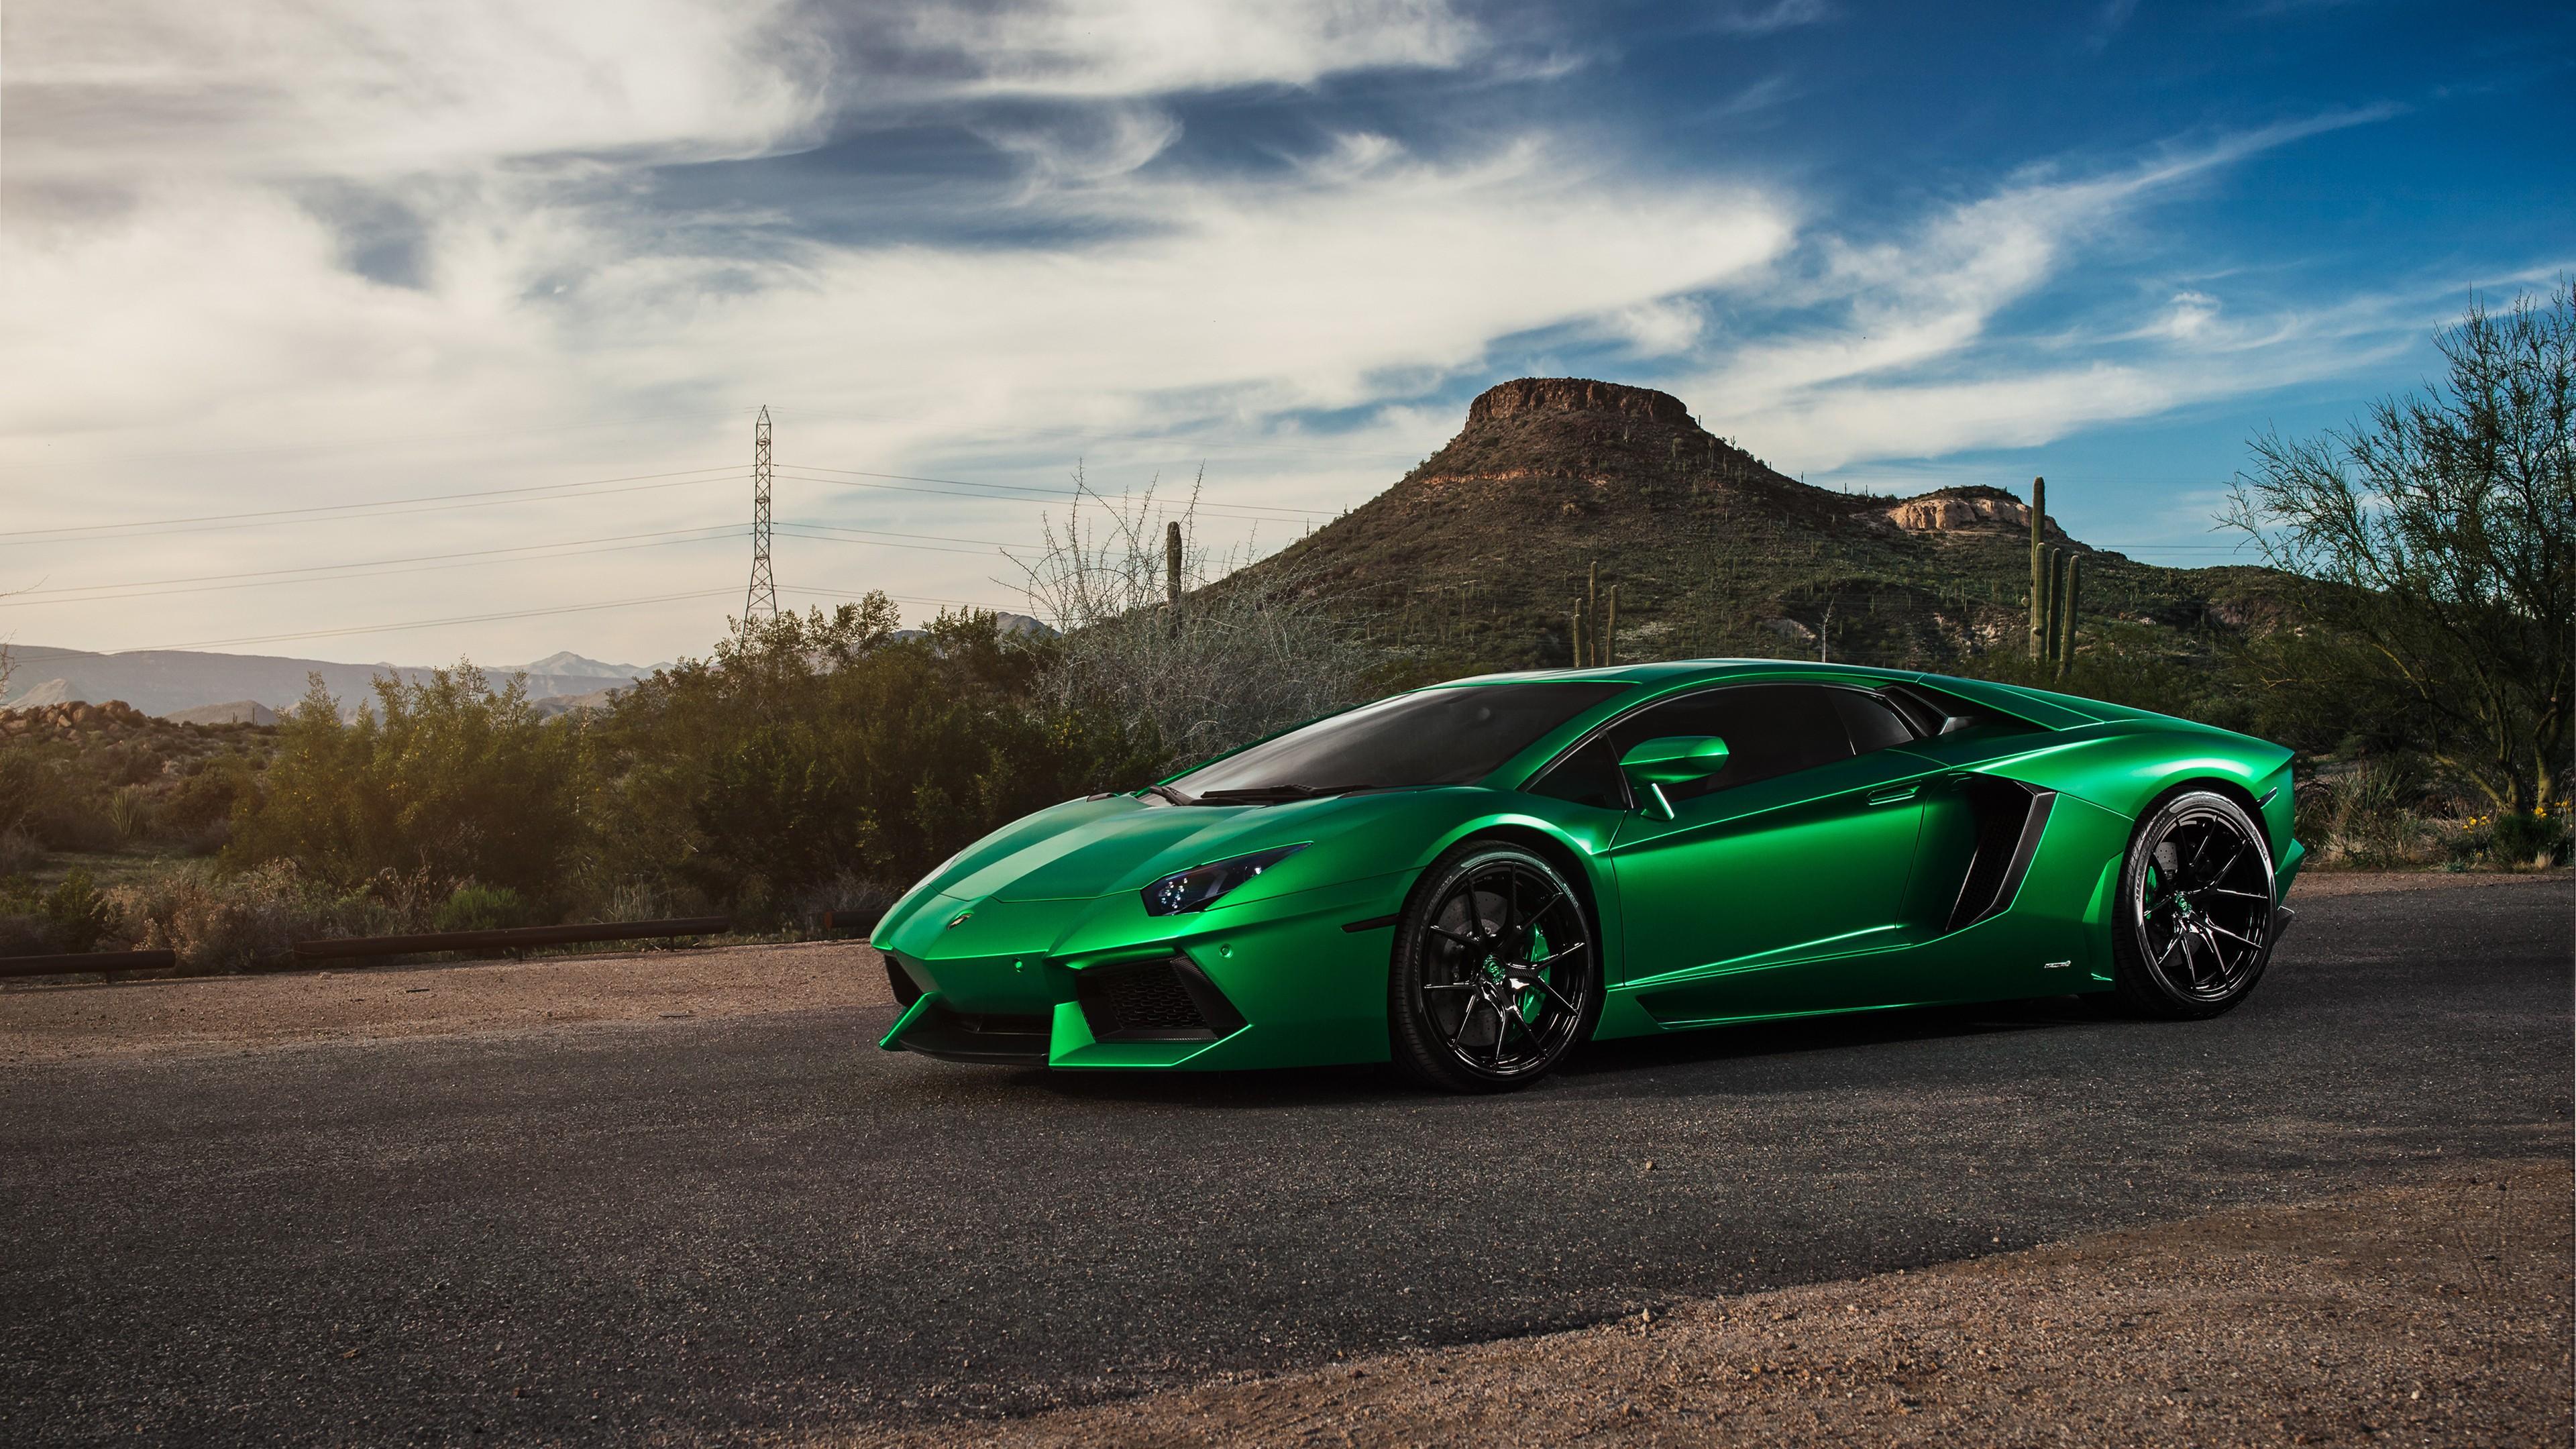 lamborghini aventador green 4k 1539104783 - Lamborghini Aventador Green 4k - lamborghini wallpapers, lamborghini aventador wallpapers, green wallpapers, cars wallpapers, 4k-wallpapers